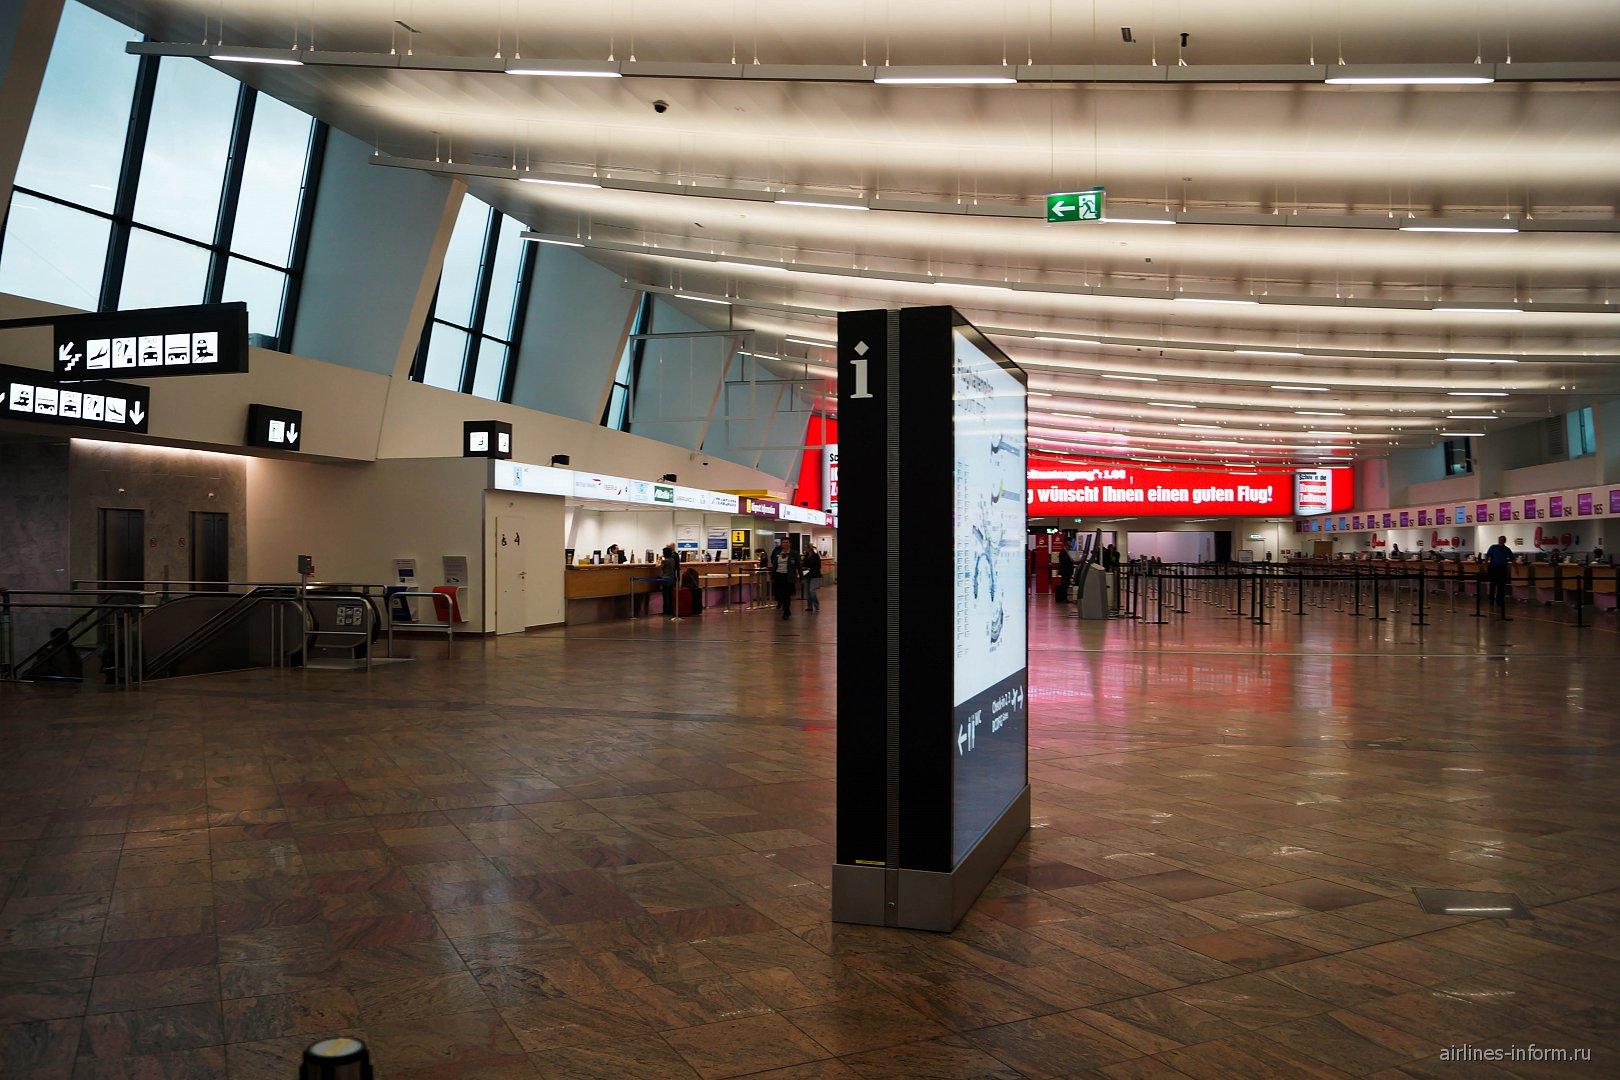 Зал регистрации пассажиров в терминале 1 аэропорта Вена Швехат